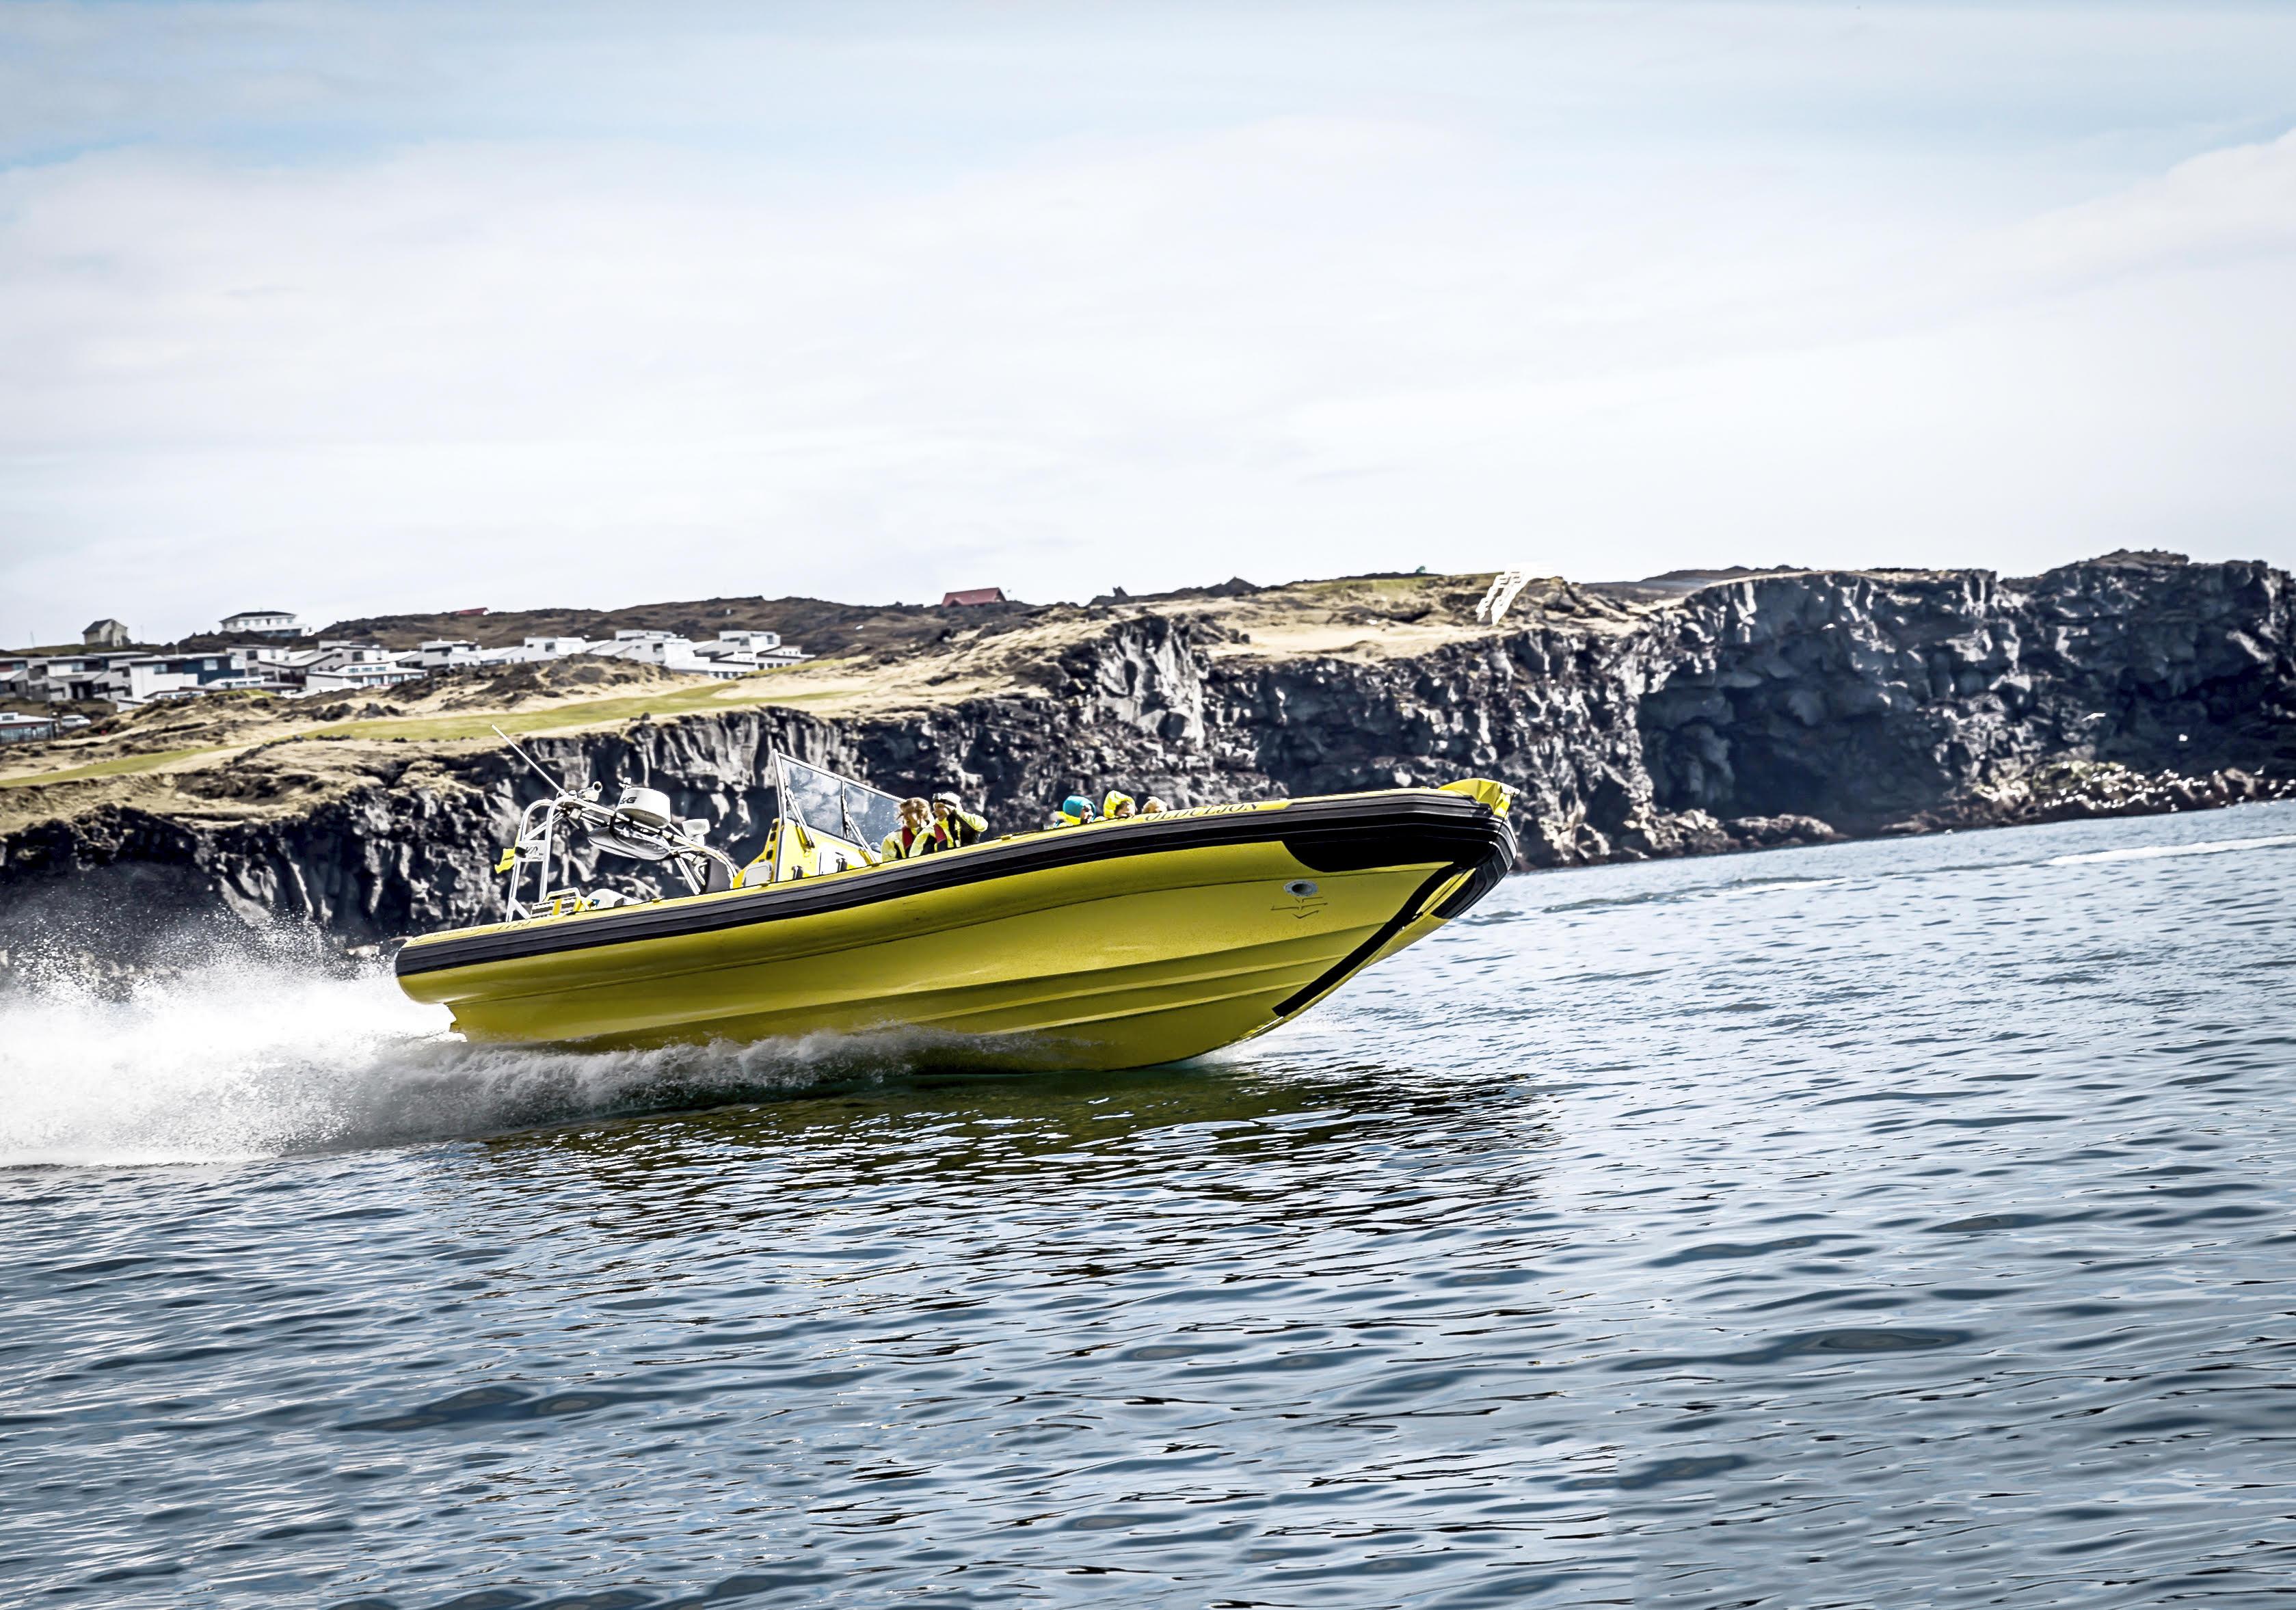 ウェストマン諸島を観光する2時間のRIBボートツアー